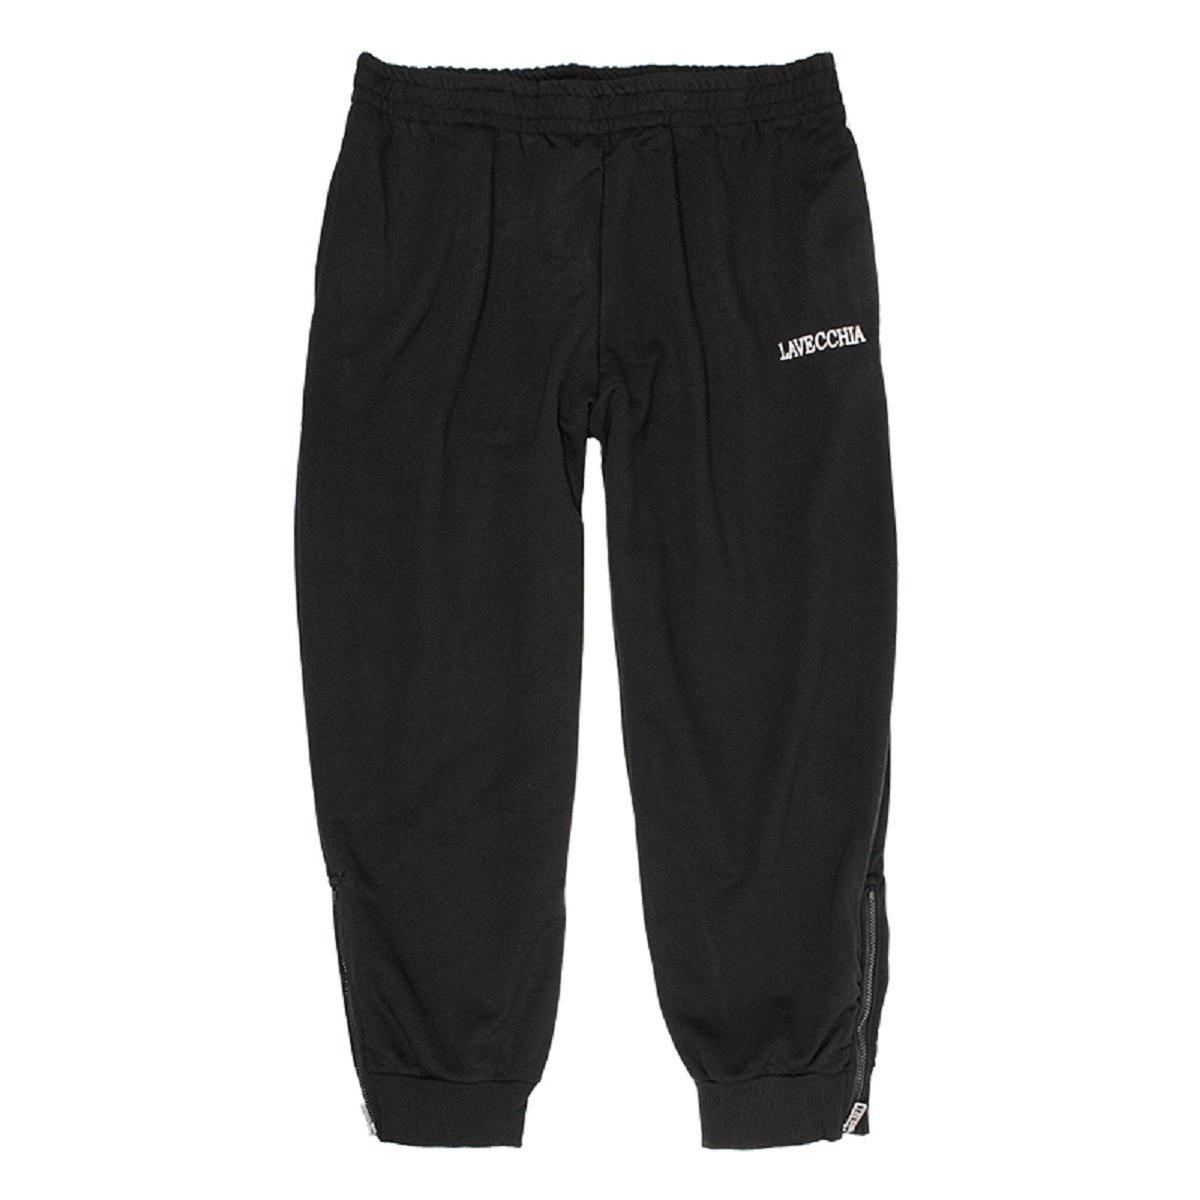 Lavecchia - Pantaloni - Uomo